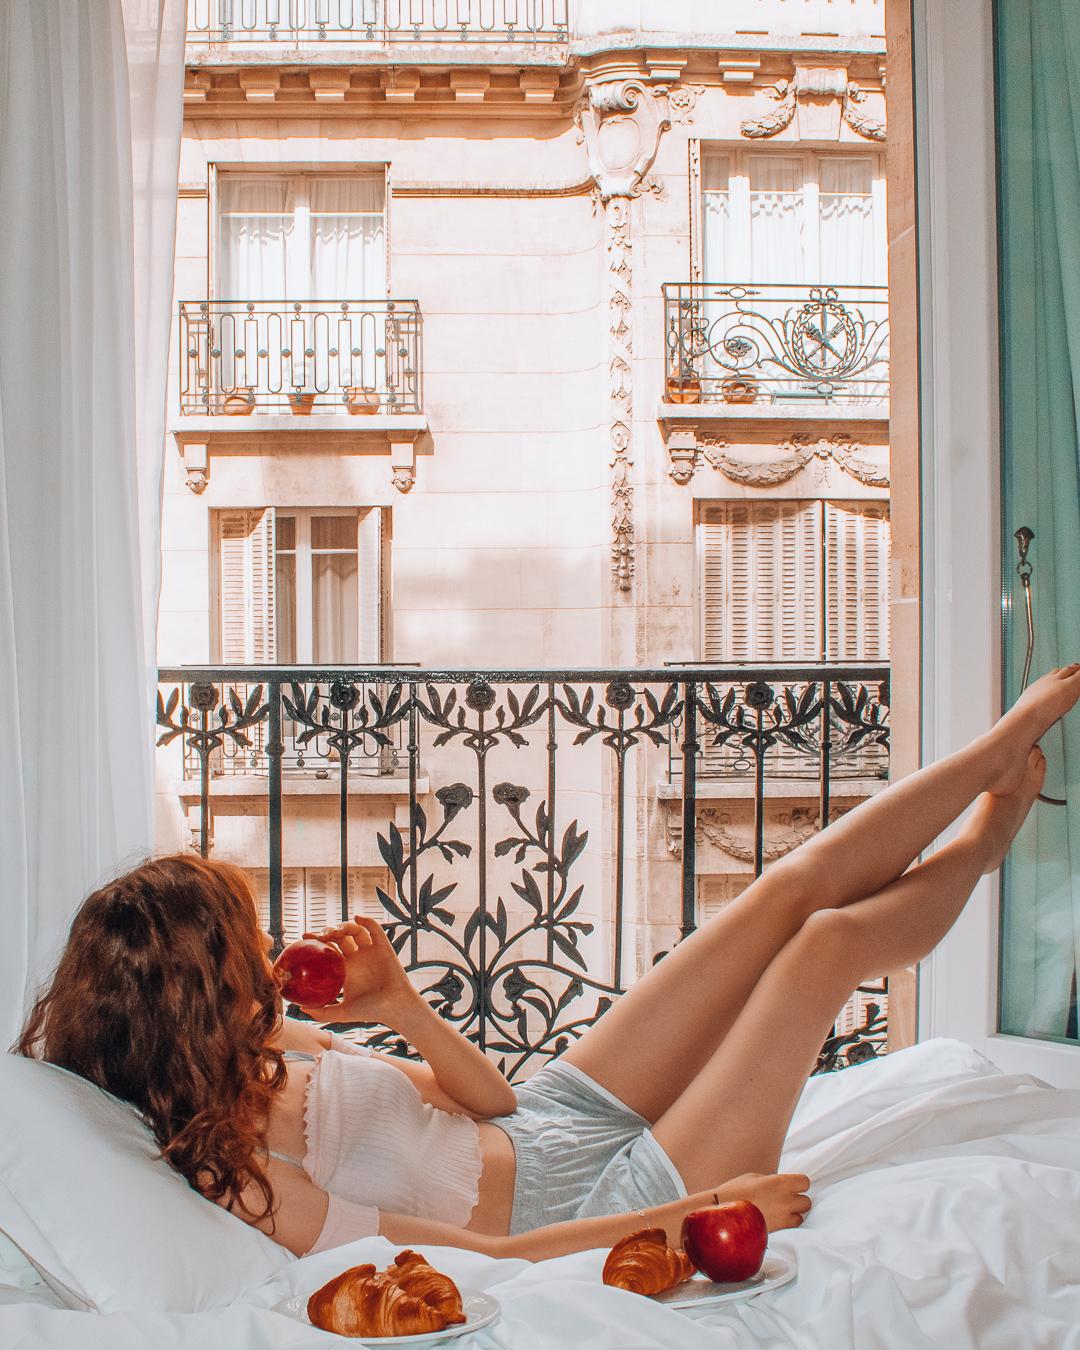 Girl in hotel room in Paris